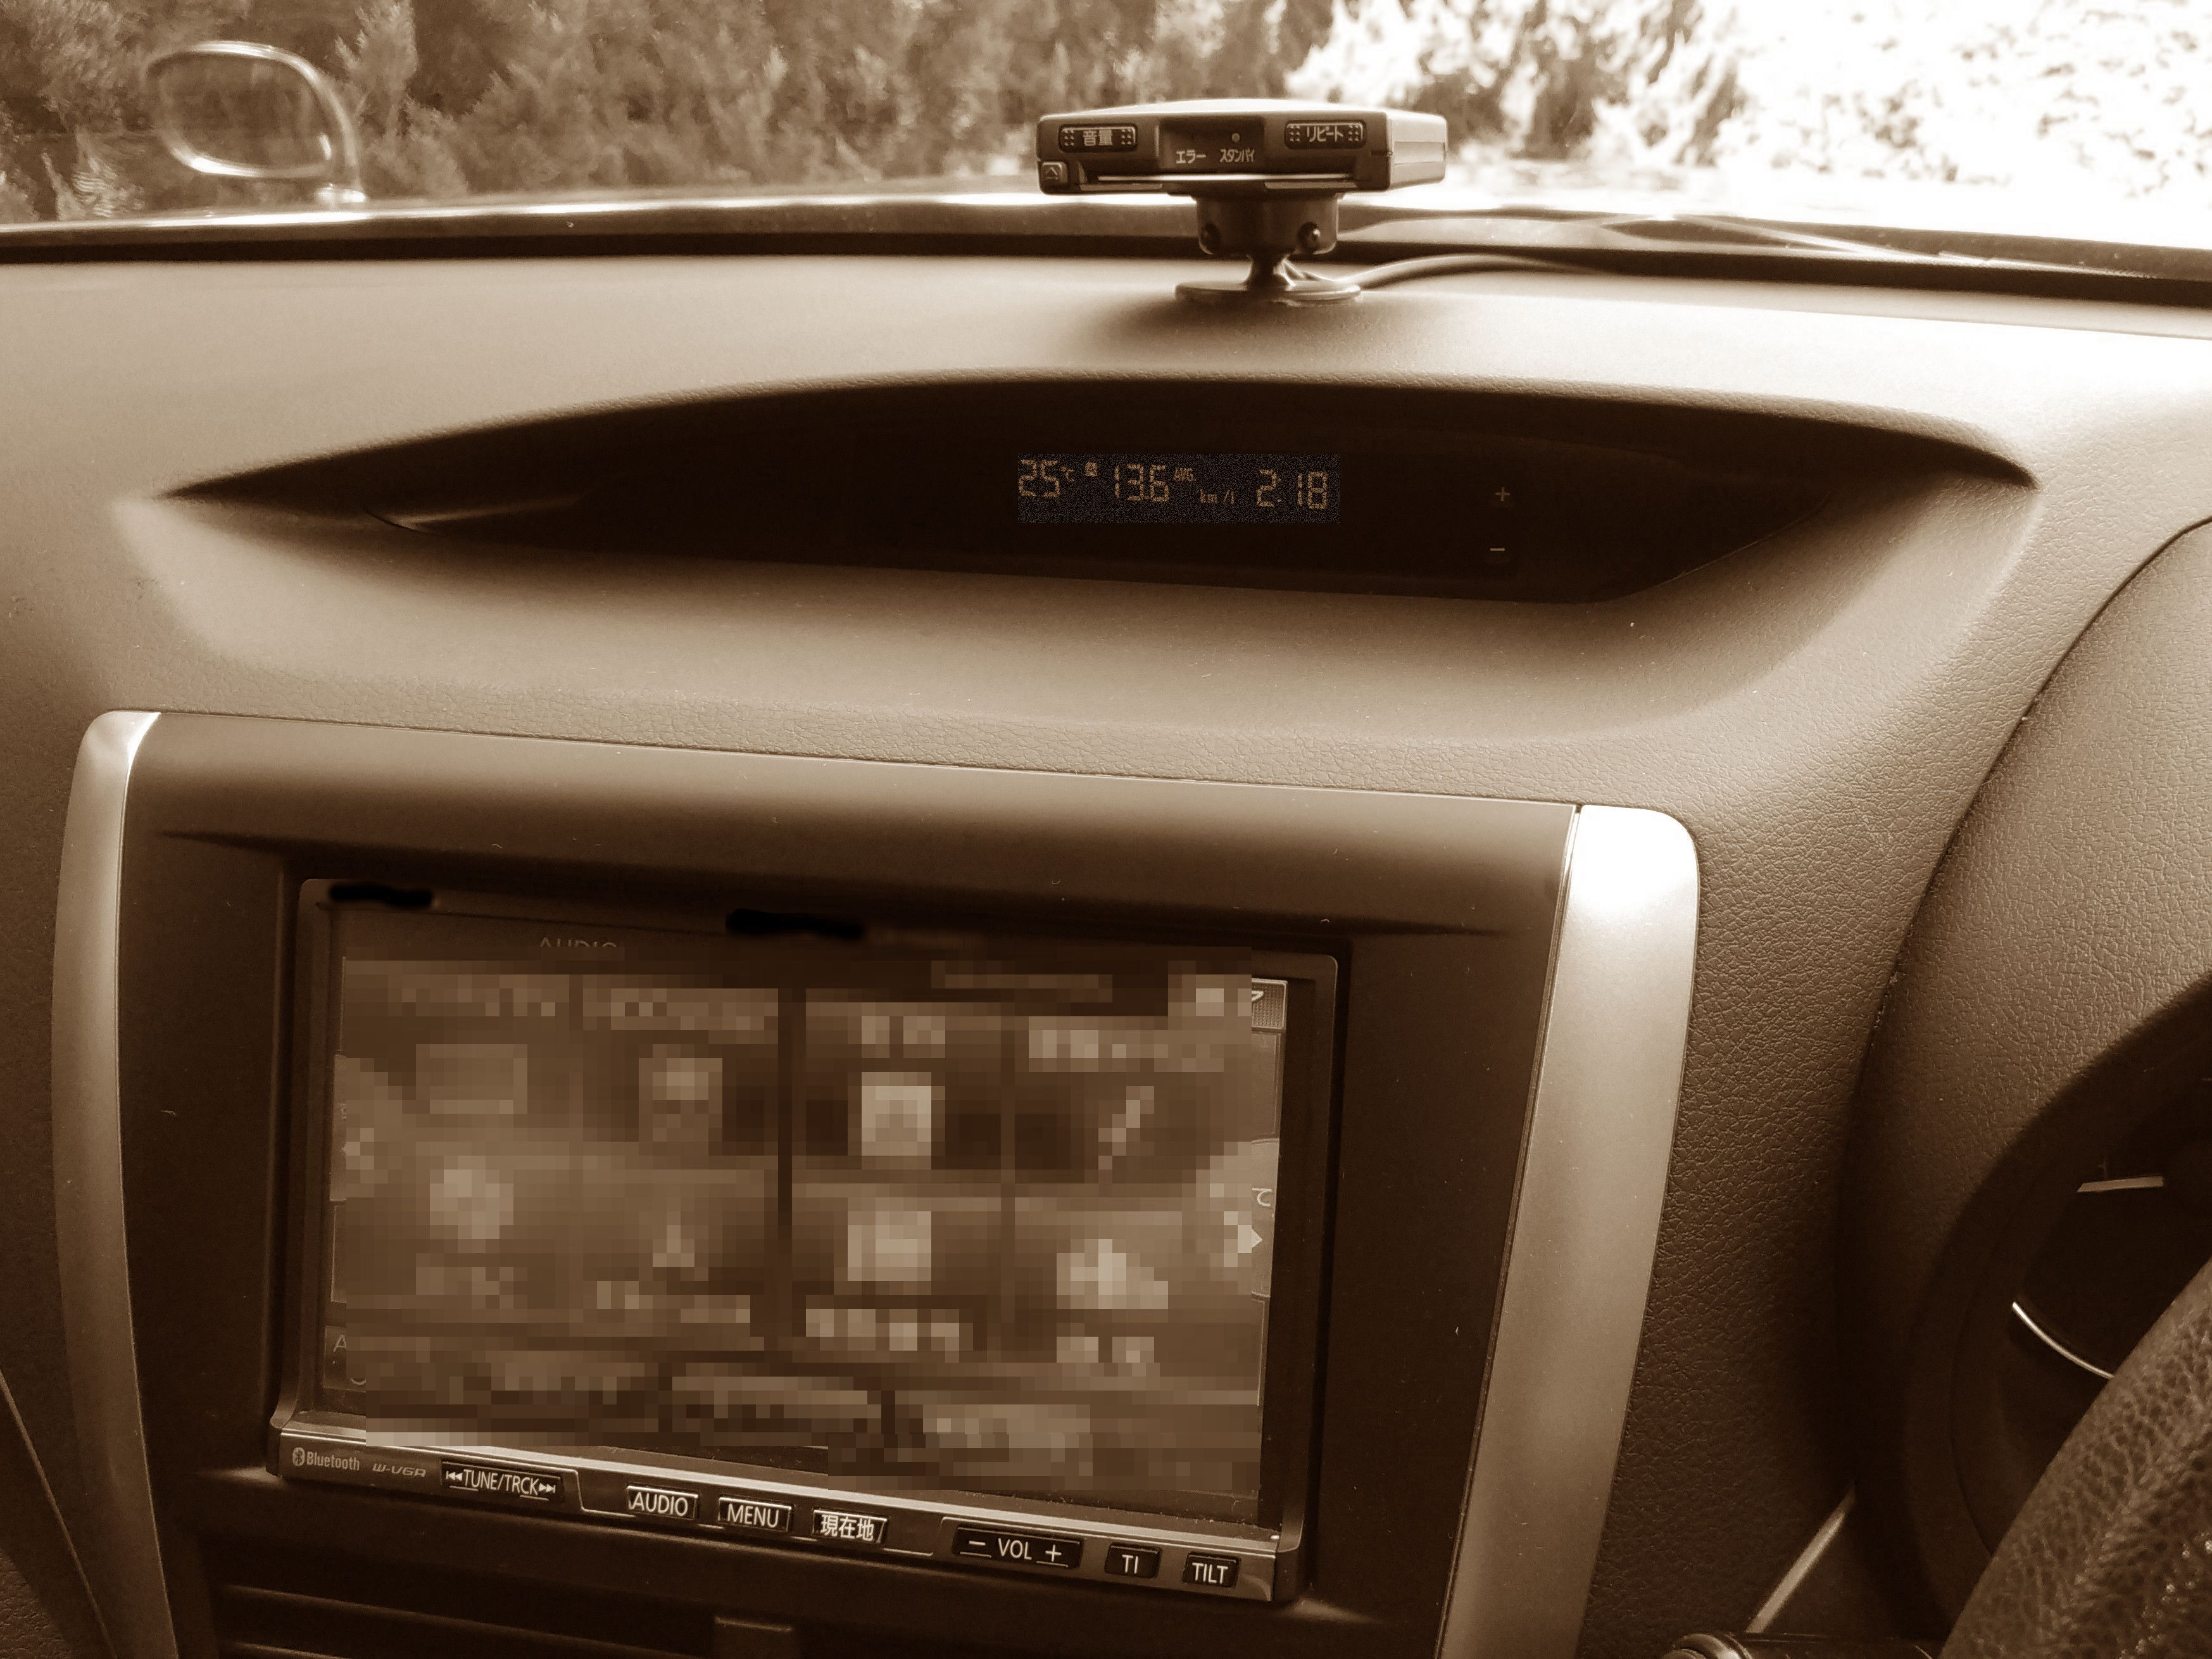 既存の車にもさまざまな情報機器や外部接続がある(イメージ)